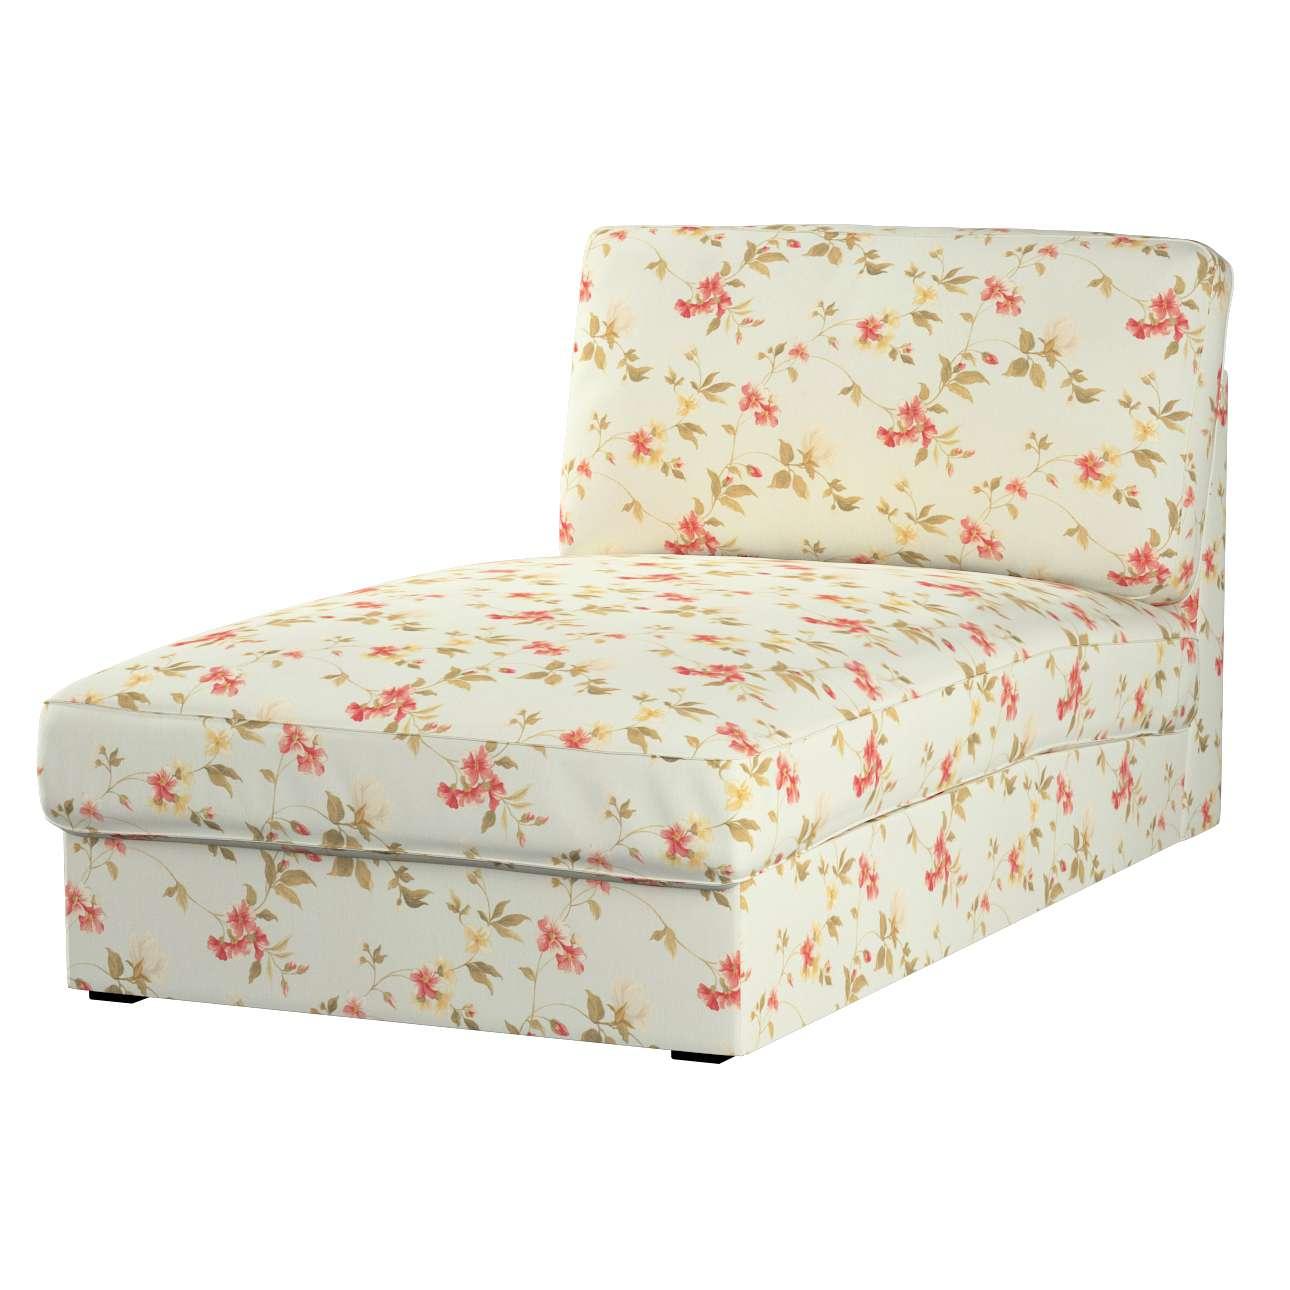 KIVIK gulimojo krėslo užvalkalas Kivik chaise longue kolekcijoje Londres, audinys: 124-65